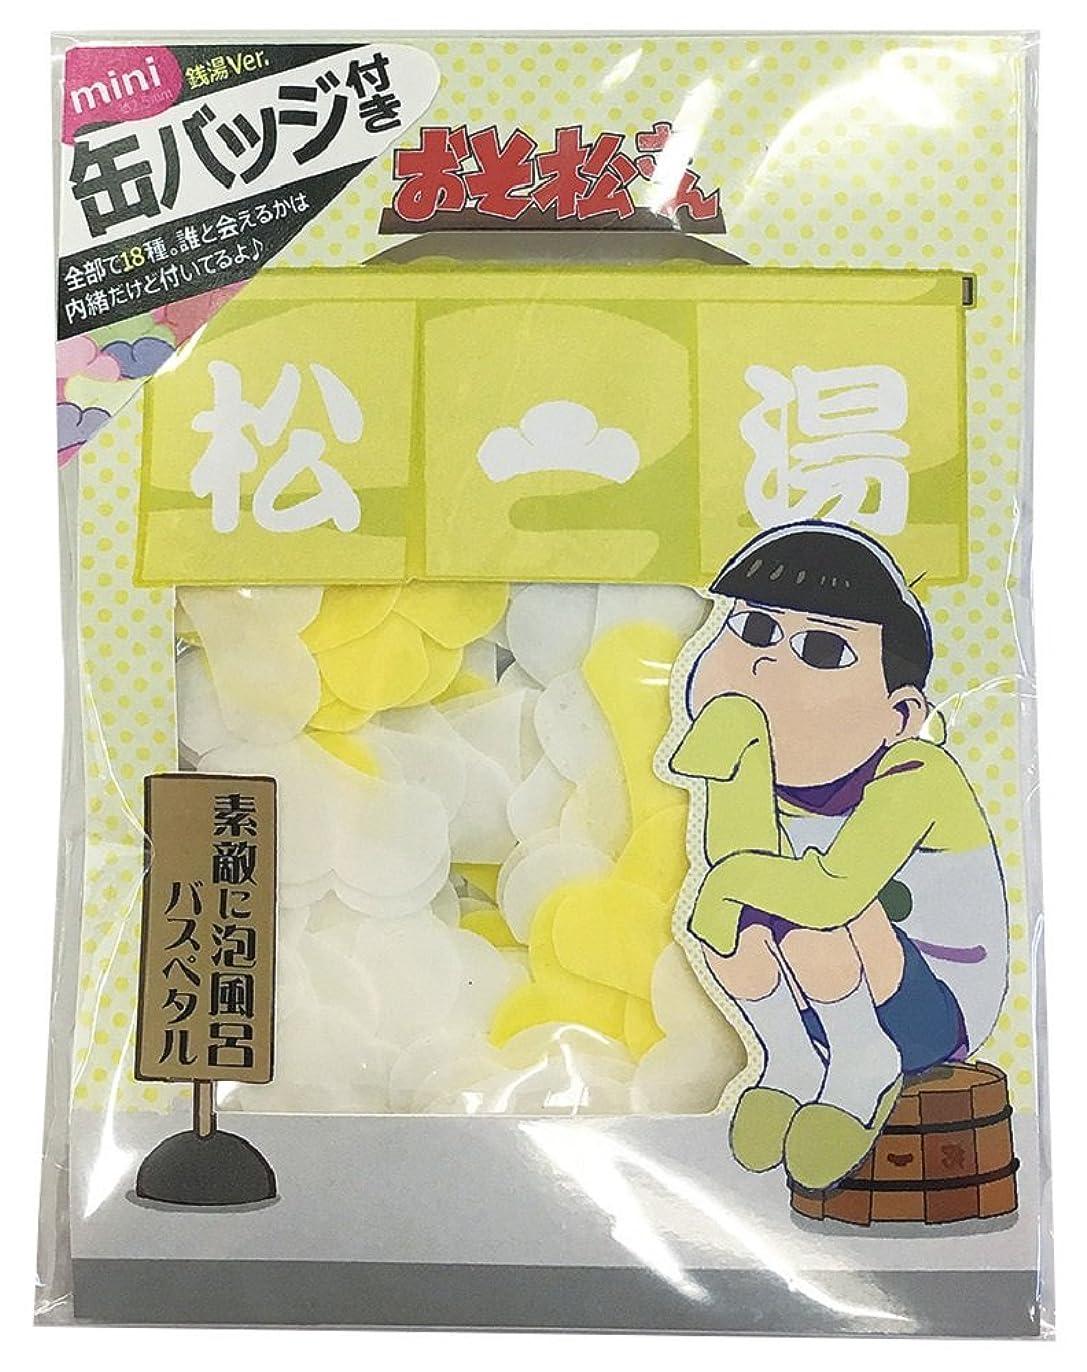 受け入れるご近所スイッチおそ松さん 入浴剤 バスペタル 十四松 香り付き ミニ缶バッジ付き ABD-001-005